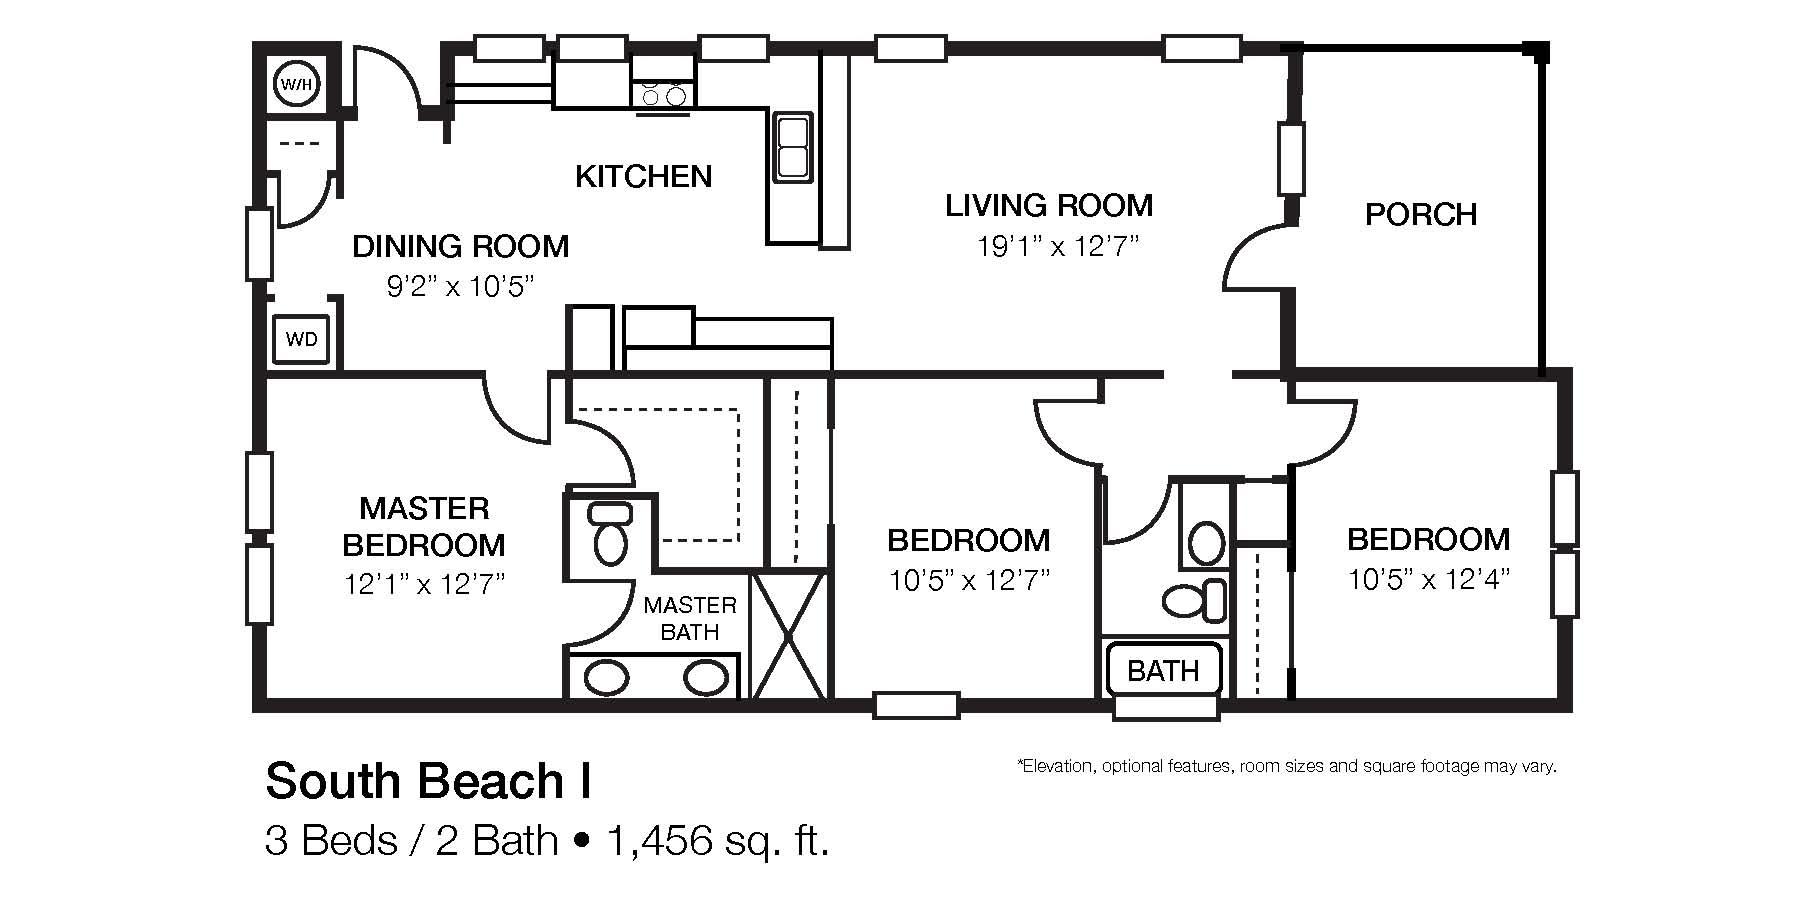 8775 20th Street #238, Vero Beach, FL 32966 Mobile Home